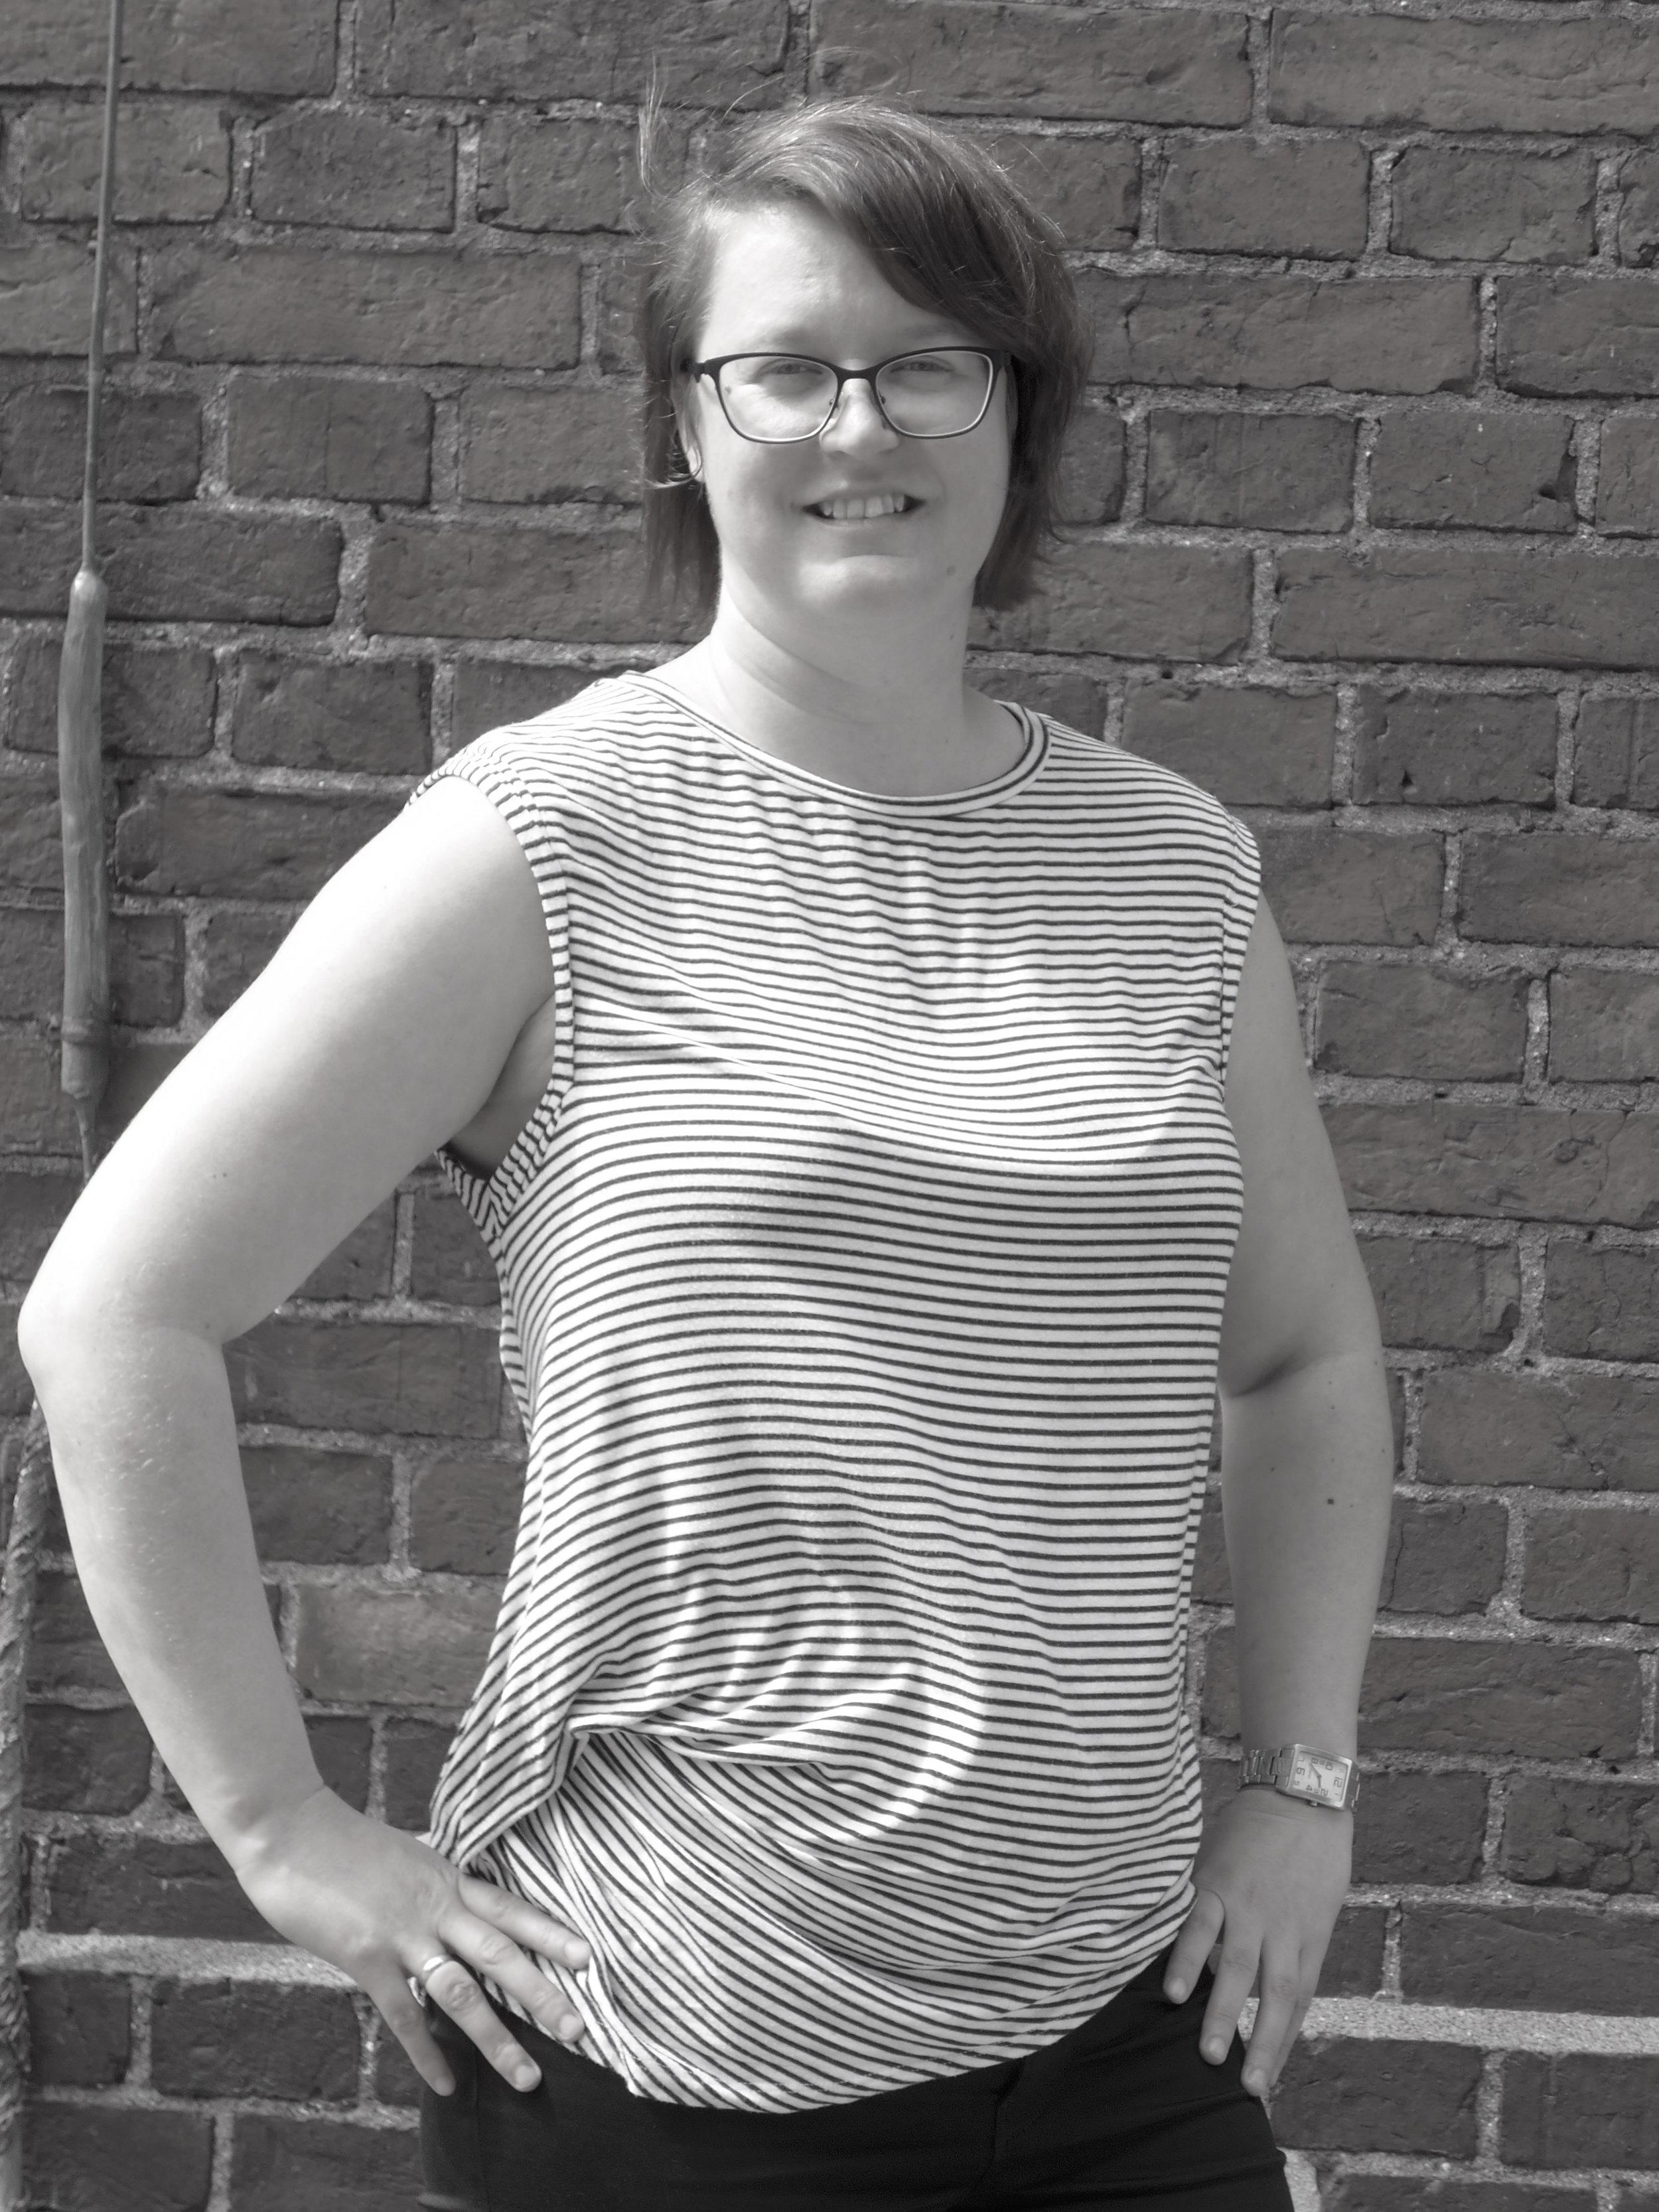 Jenni Koski - FM, MCM luova tuottaja, elokuvantekijä, kääntäjä ja kouluttaja. Jenni on toiminut elokuva-alalla sekä Suomessa että Australiassa kymmenen vuoden ajan. Freelance-työnsä ohella Jenni toimii projektipäällikkönä ja tuottajana yhteispohjoismaisessa WIFT Nordic -verkostossa sekä eurooppalaisessa Womarts-hankkeessa, jotka korostavat naispuolisten taiteilijoiden asemaa eurooppalaisessa kulttuurihistoriassa ja kulttuurisessa monimuotoisuudessa ja jotka sisältävät erilaisia taiteilijoiden näkyvyyttä ja heidän taiteensa levittämistä lisääviä toimenpiteitä, täydennyskoulutustoimintaa sekä monialaisten, luovan alan yrittäjyyttä ja työllistymistä lisäävien toimenpiteiden ja niitä tukevien tapahtumien järjestämistä. NÄKYVÄKSI-hanke on jatkumoa Jennin tekemälle aktiiviselle työlle sukupuolten tasa-arvon lisäämiseksi audiovisuaalisella alalla. Jenni on valmistunut media-alan ammatilliseksi opettajaksi ja kouluttajaksi Hämeen ammattikorkeakoulusta vuonna 2017.